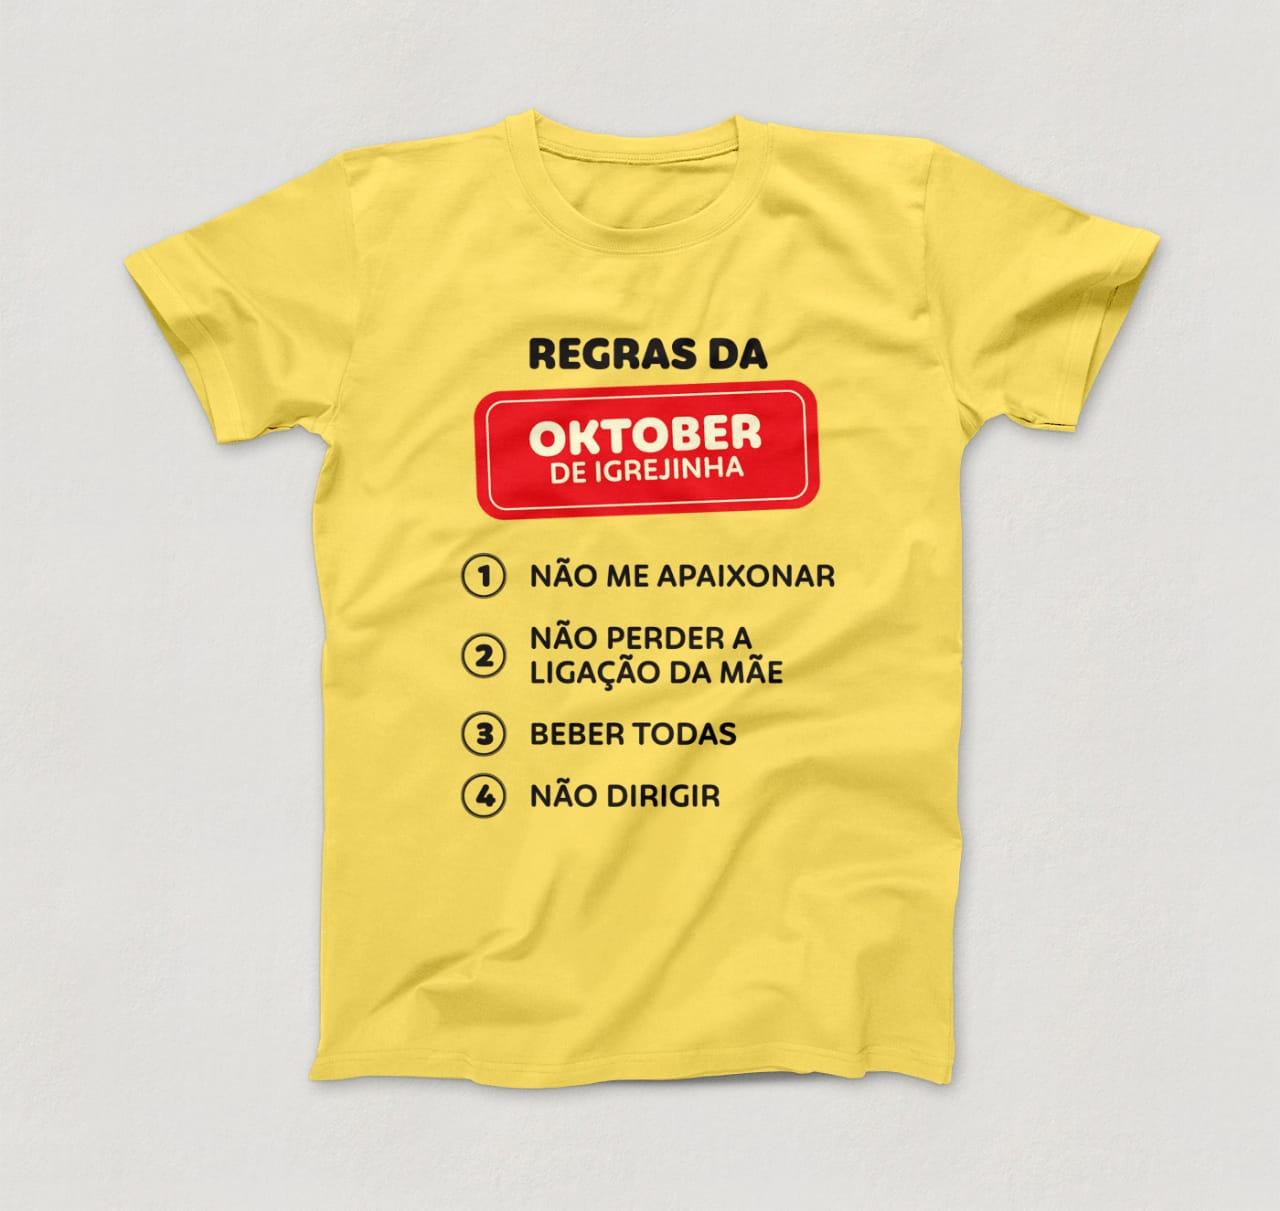 Camisetas divertidas são a novidade nos itens de recordação da Oktober